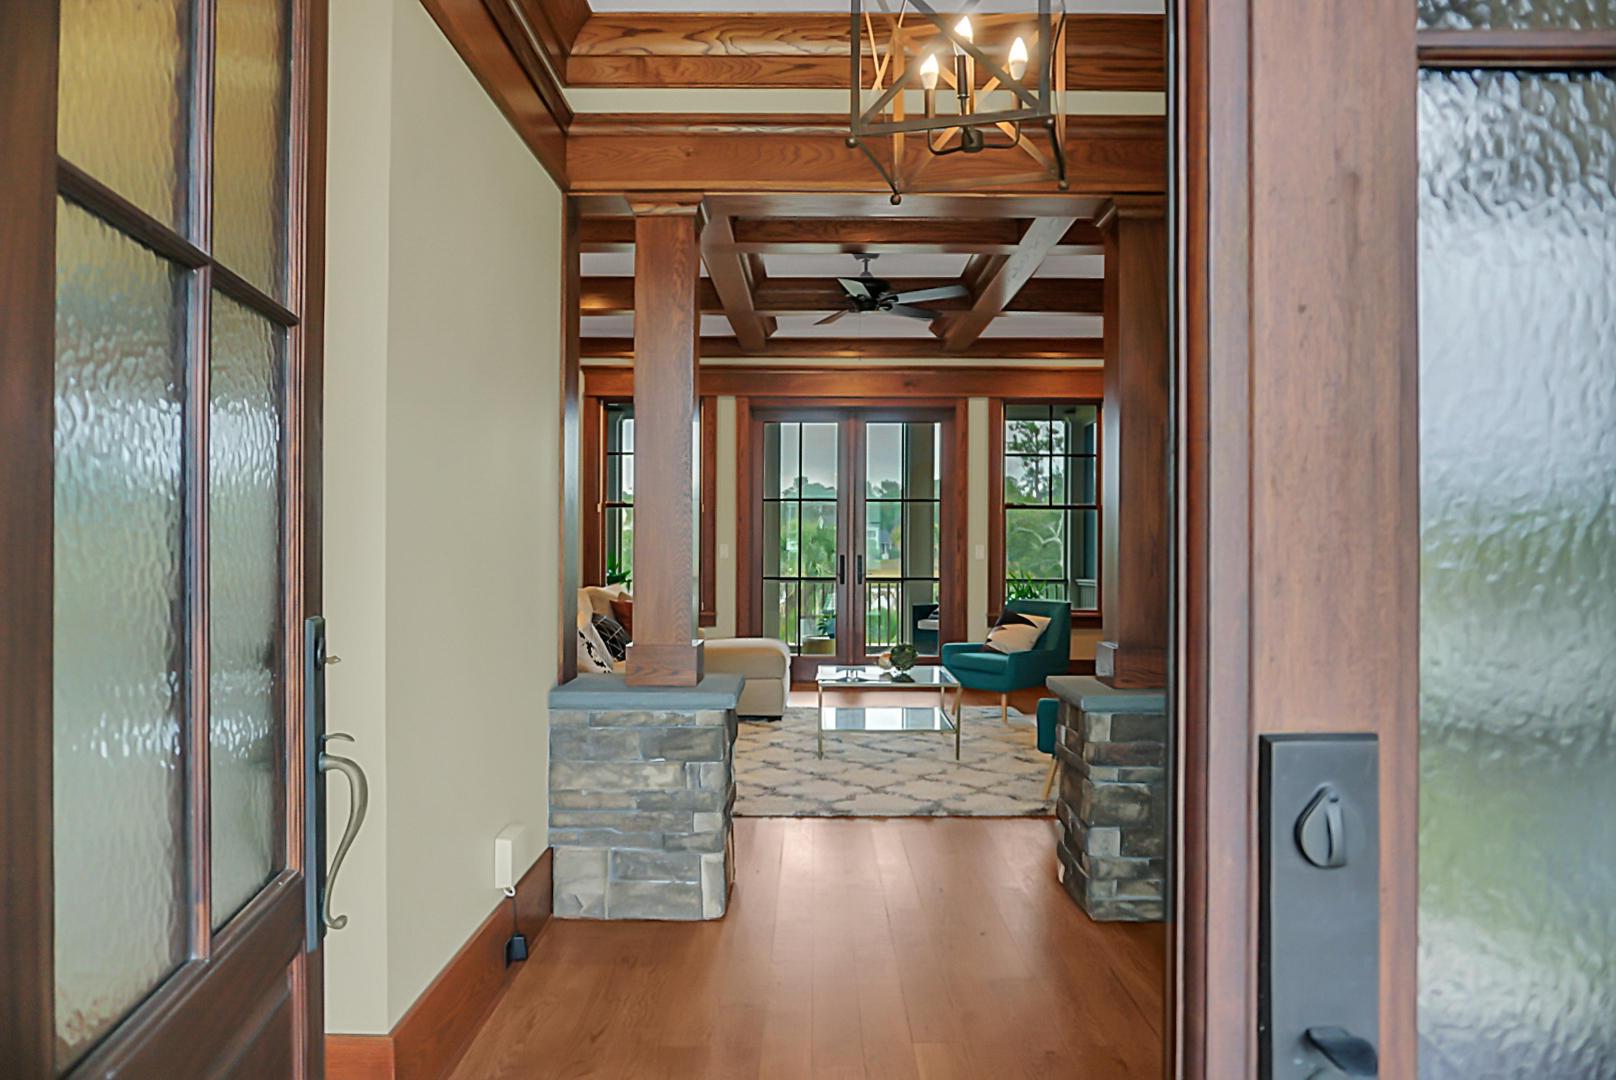 Dunes West Homes For Sale - 2978 River Vista, Mount Pleasant, SC - 95